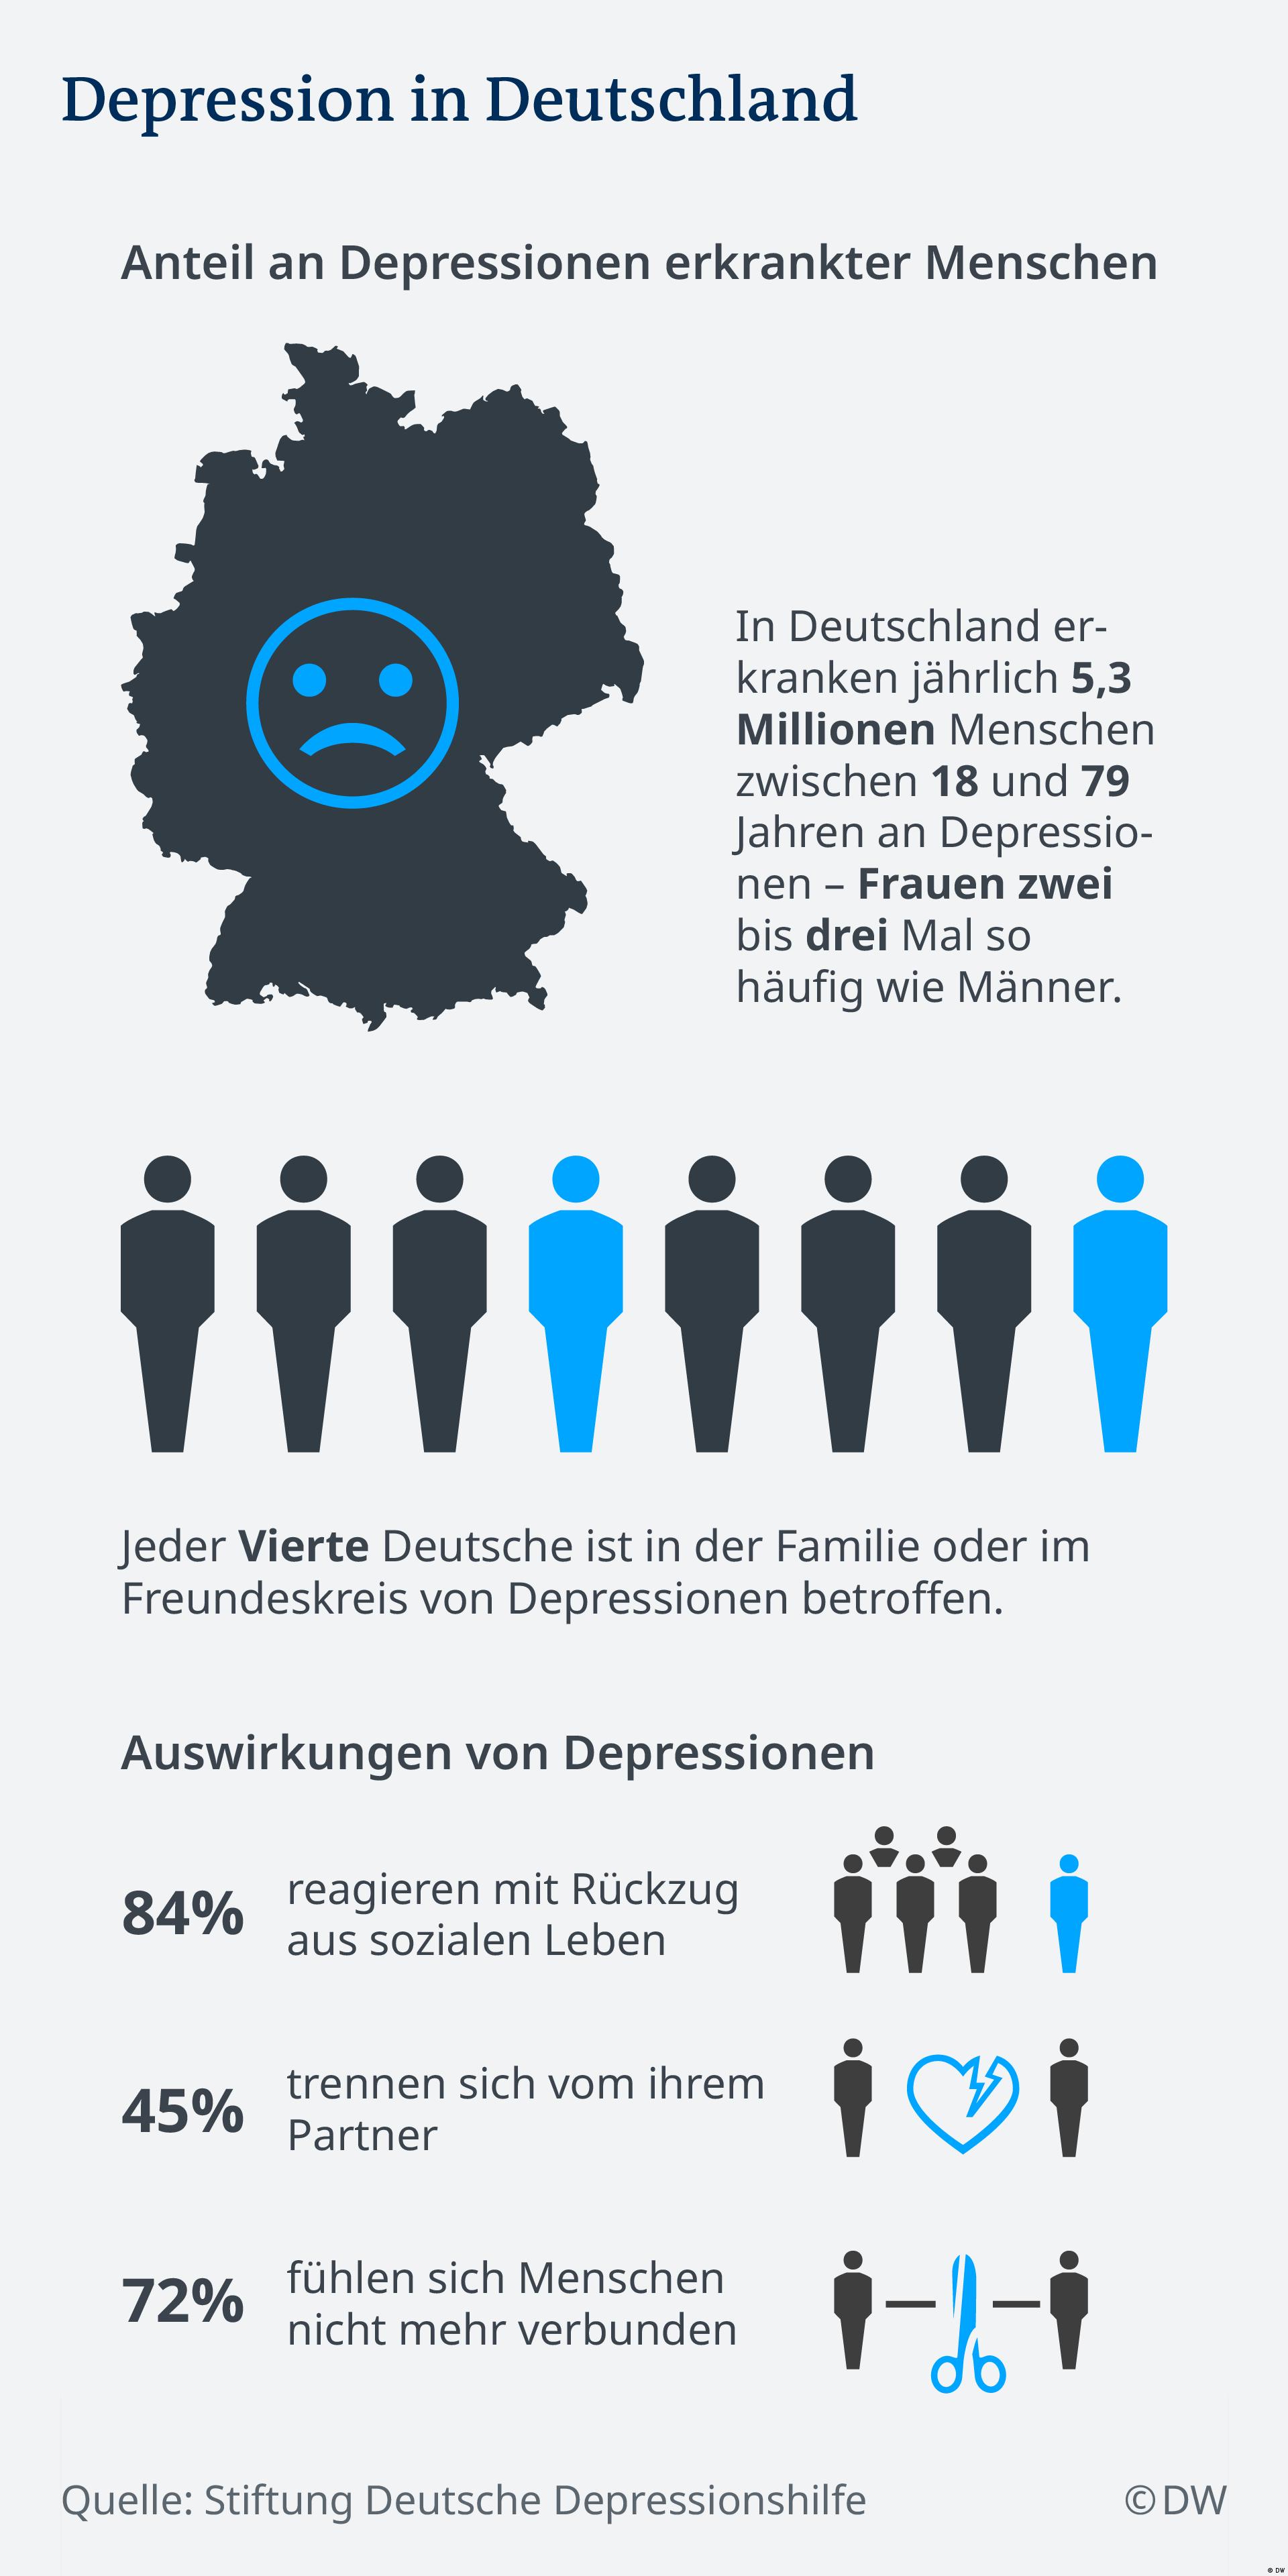 DW Grafik zu Depression